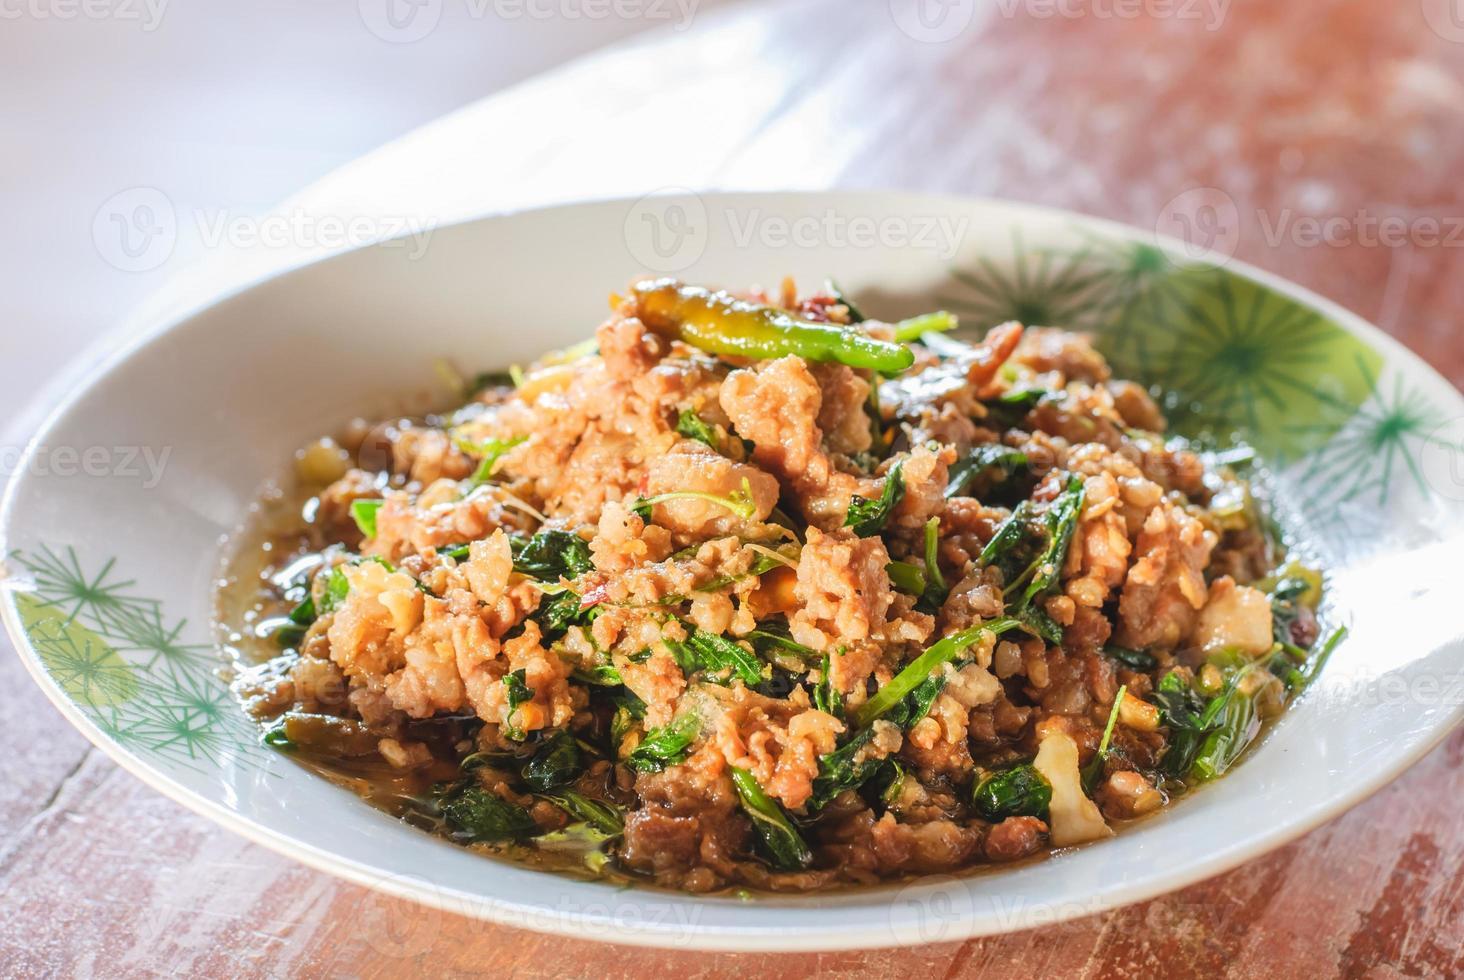 comida picante tailandesa foto